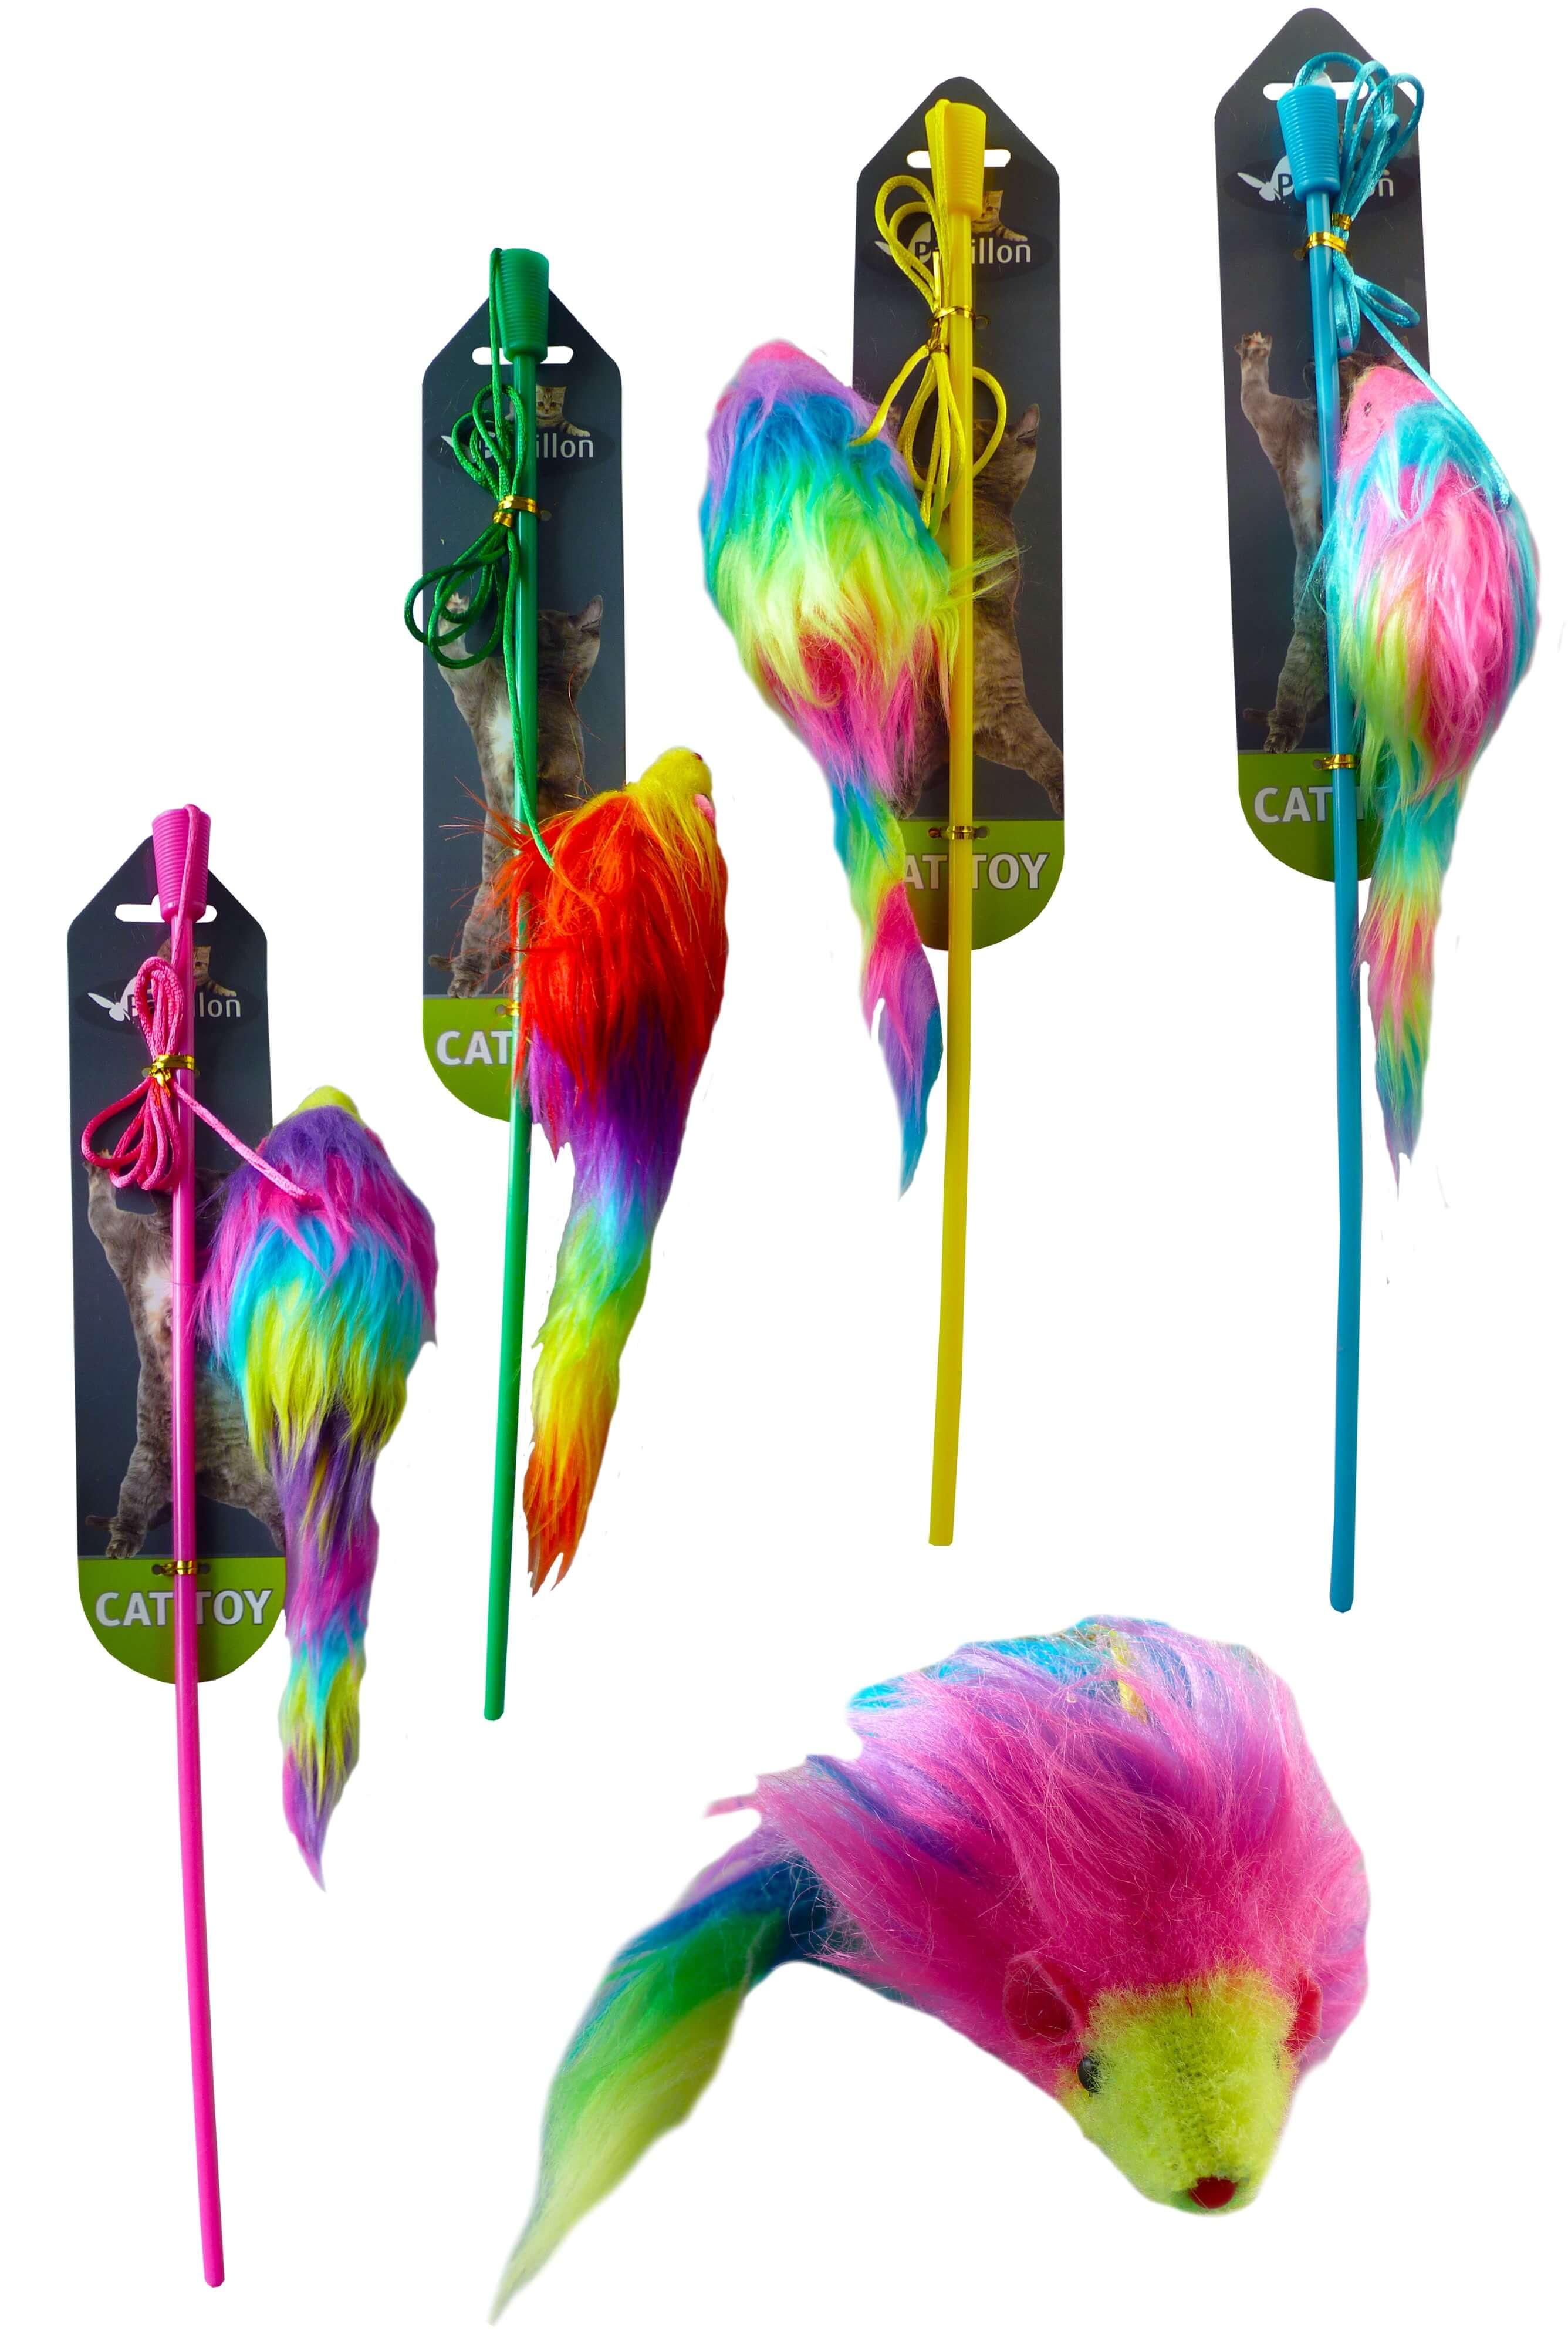 Hengel met regenboog muis voor de kat